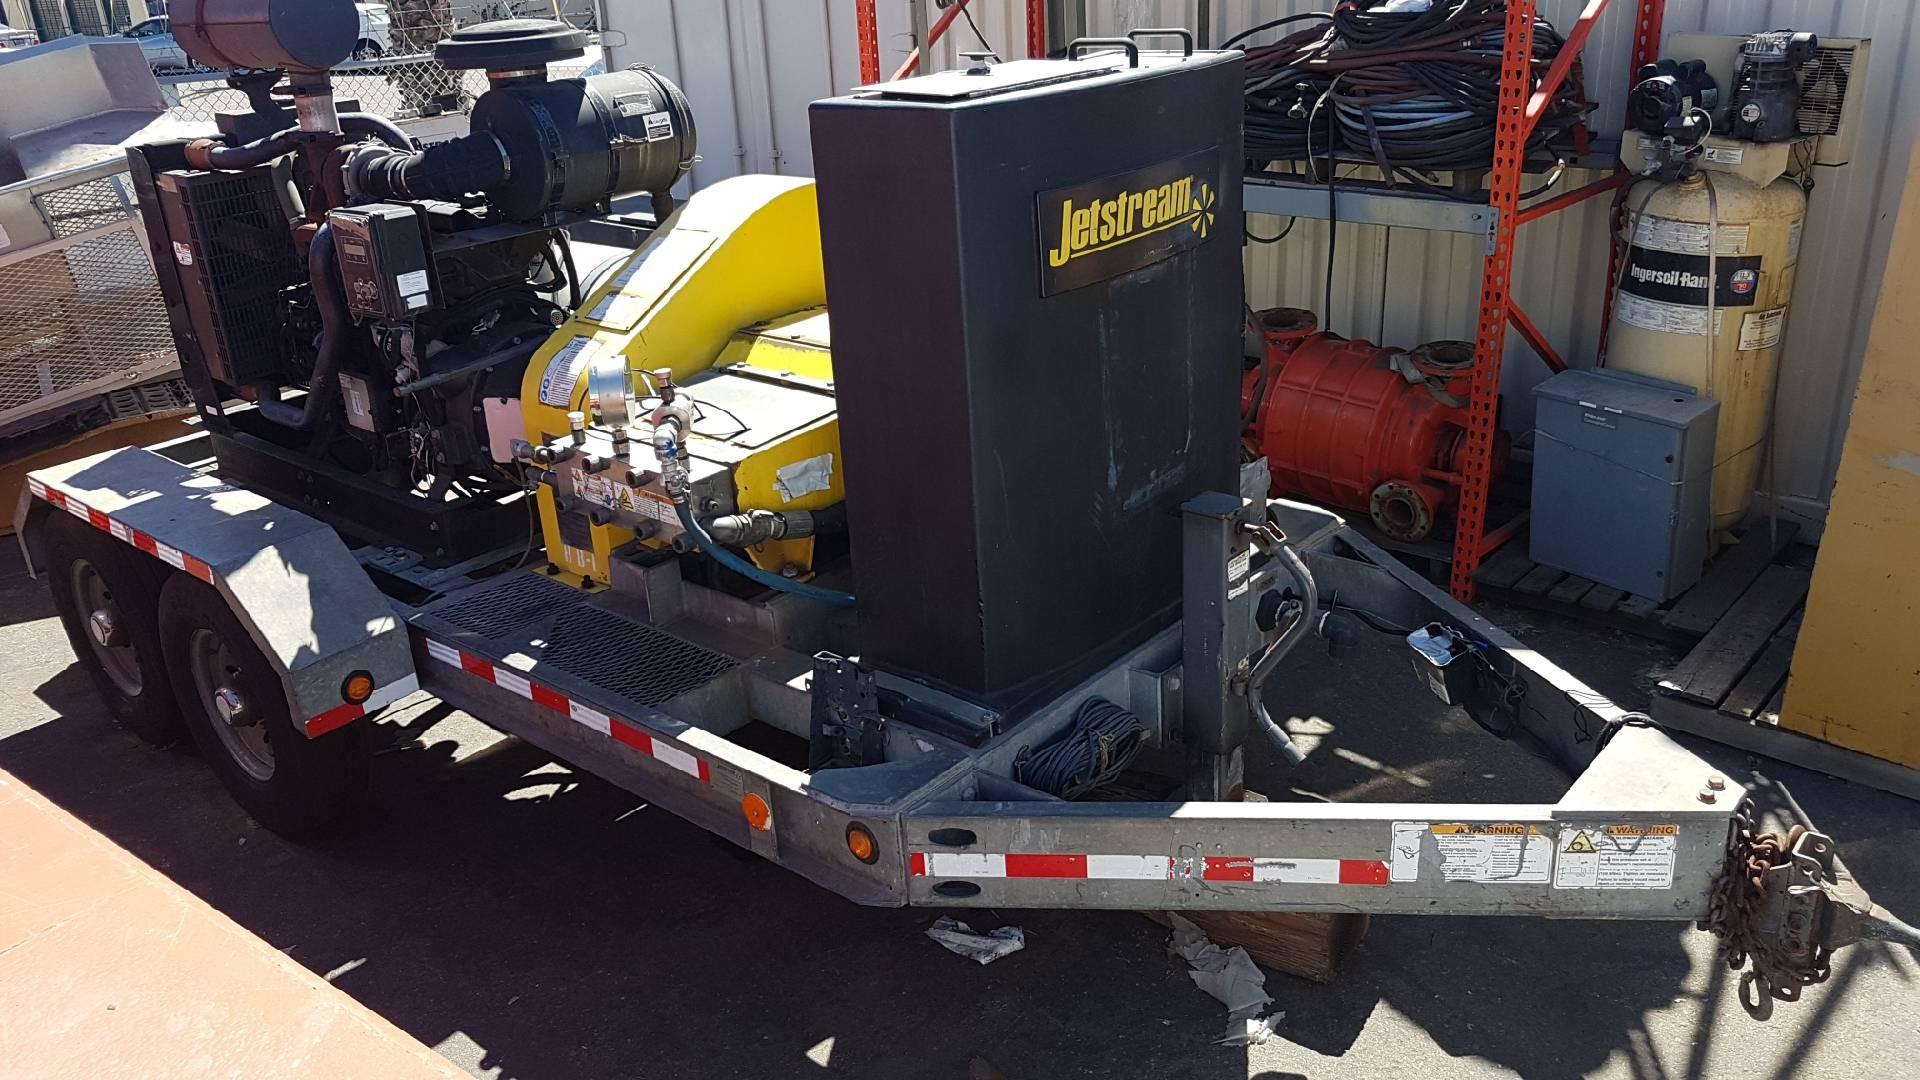 Used 2007 Jetstream 3600 Water Blaster in Riverside, NJ